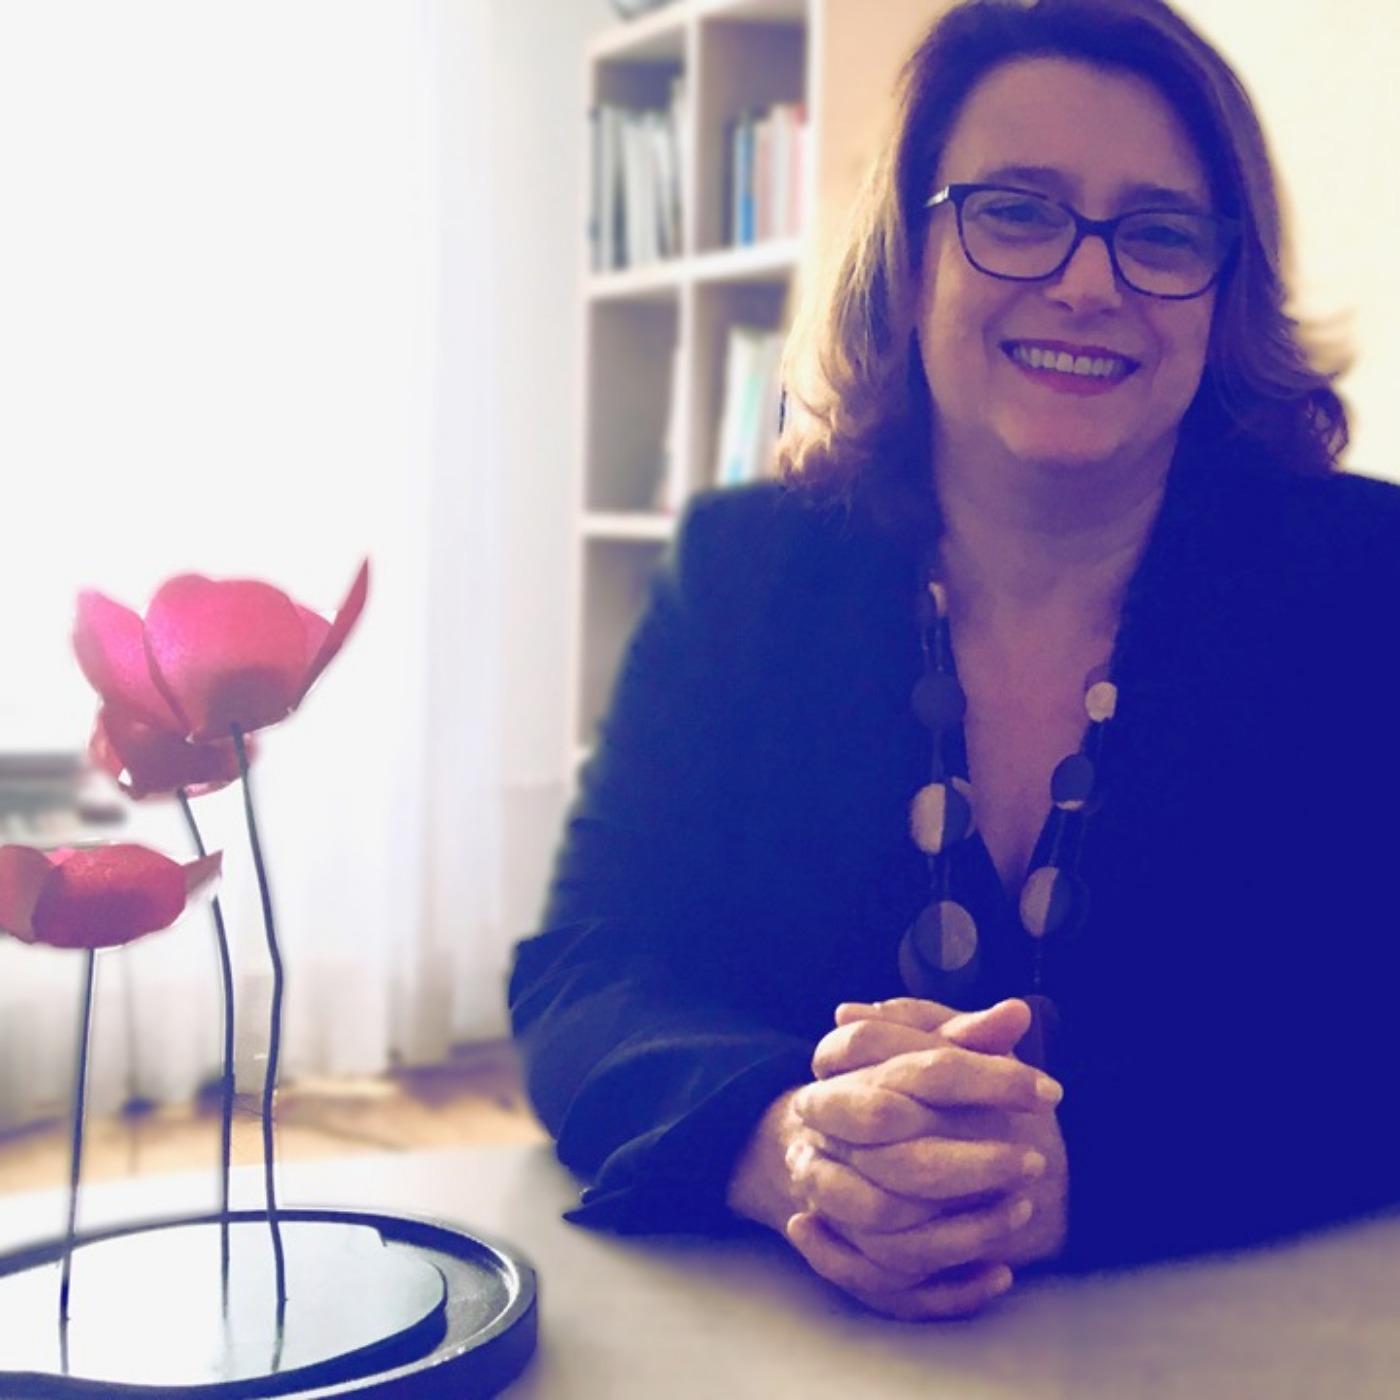 L'innovation sociale c'est politique ? - Antoinette Guhl - Mairie de Paris